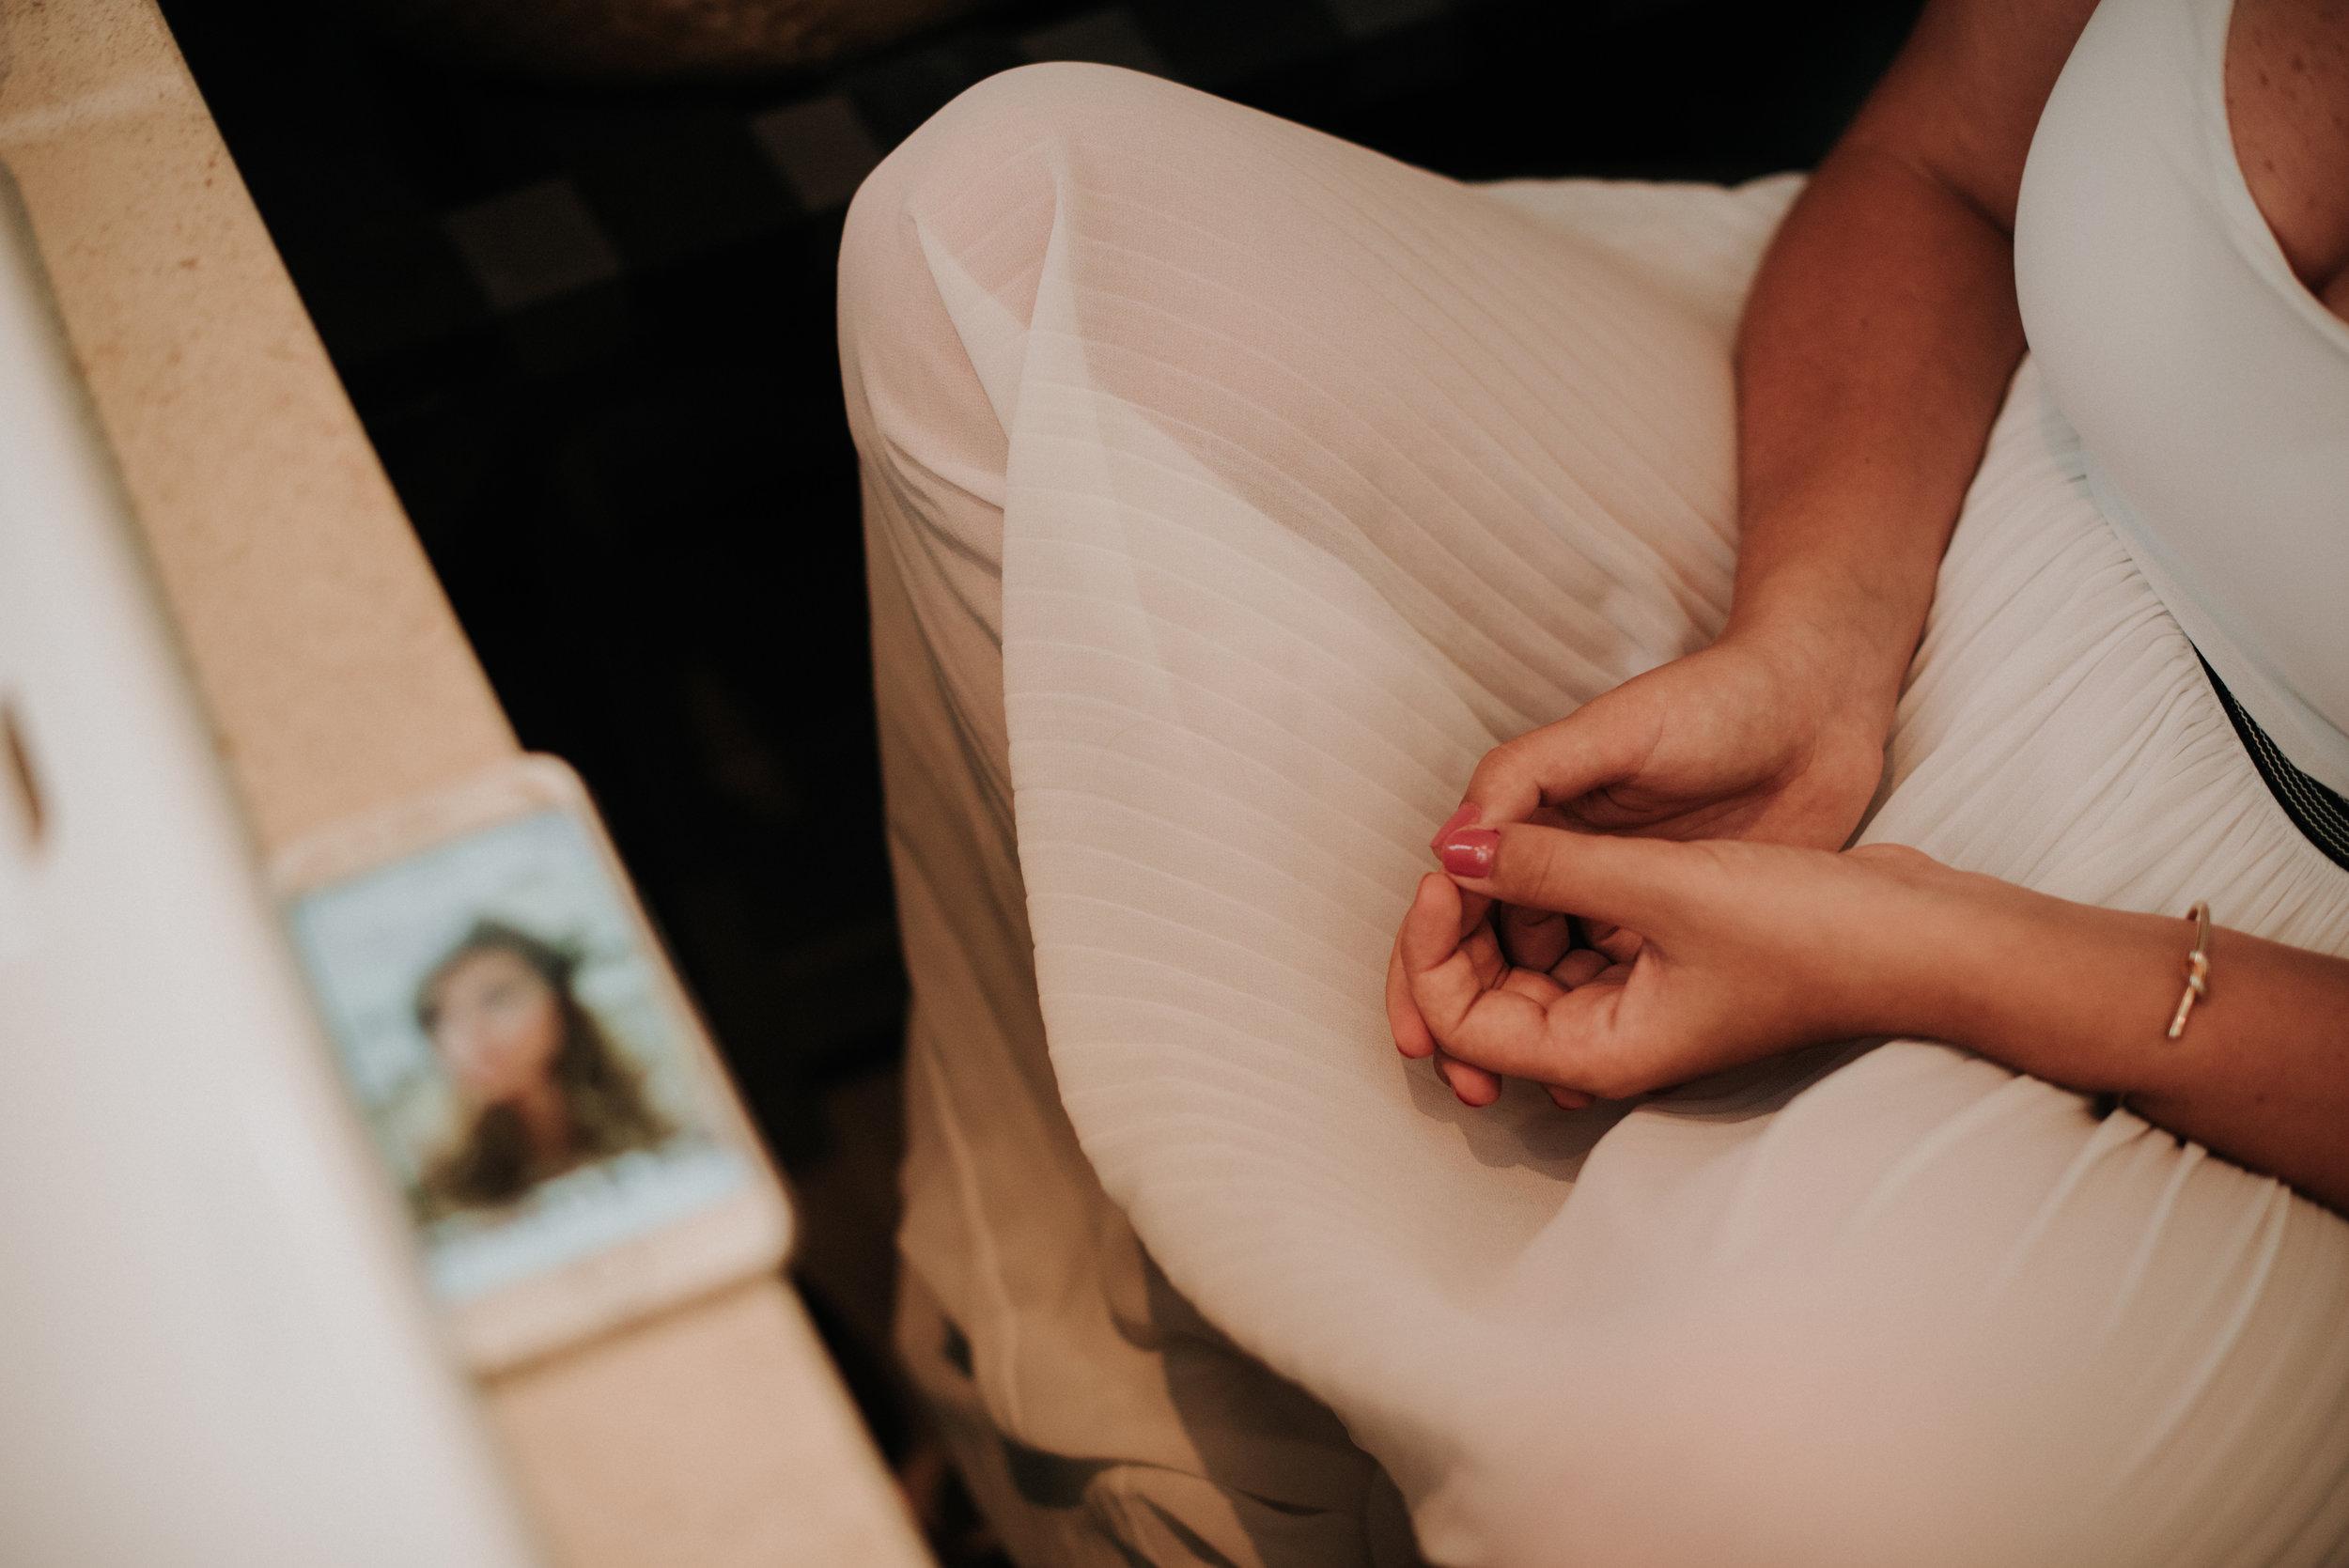 Léa-Fery-photographe-professionnel-lyon-rhone-alpes-portrait-creation-mariage-evenement-evenementiel-famille-8071.jpg